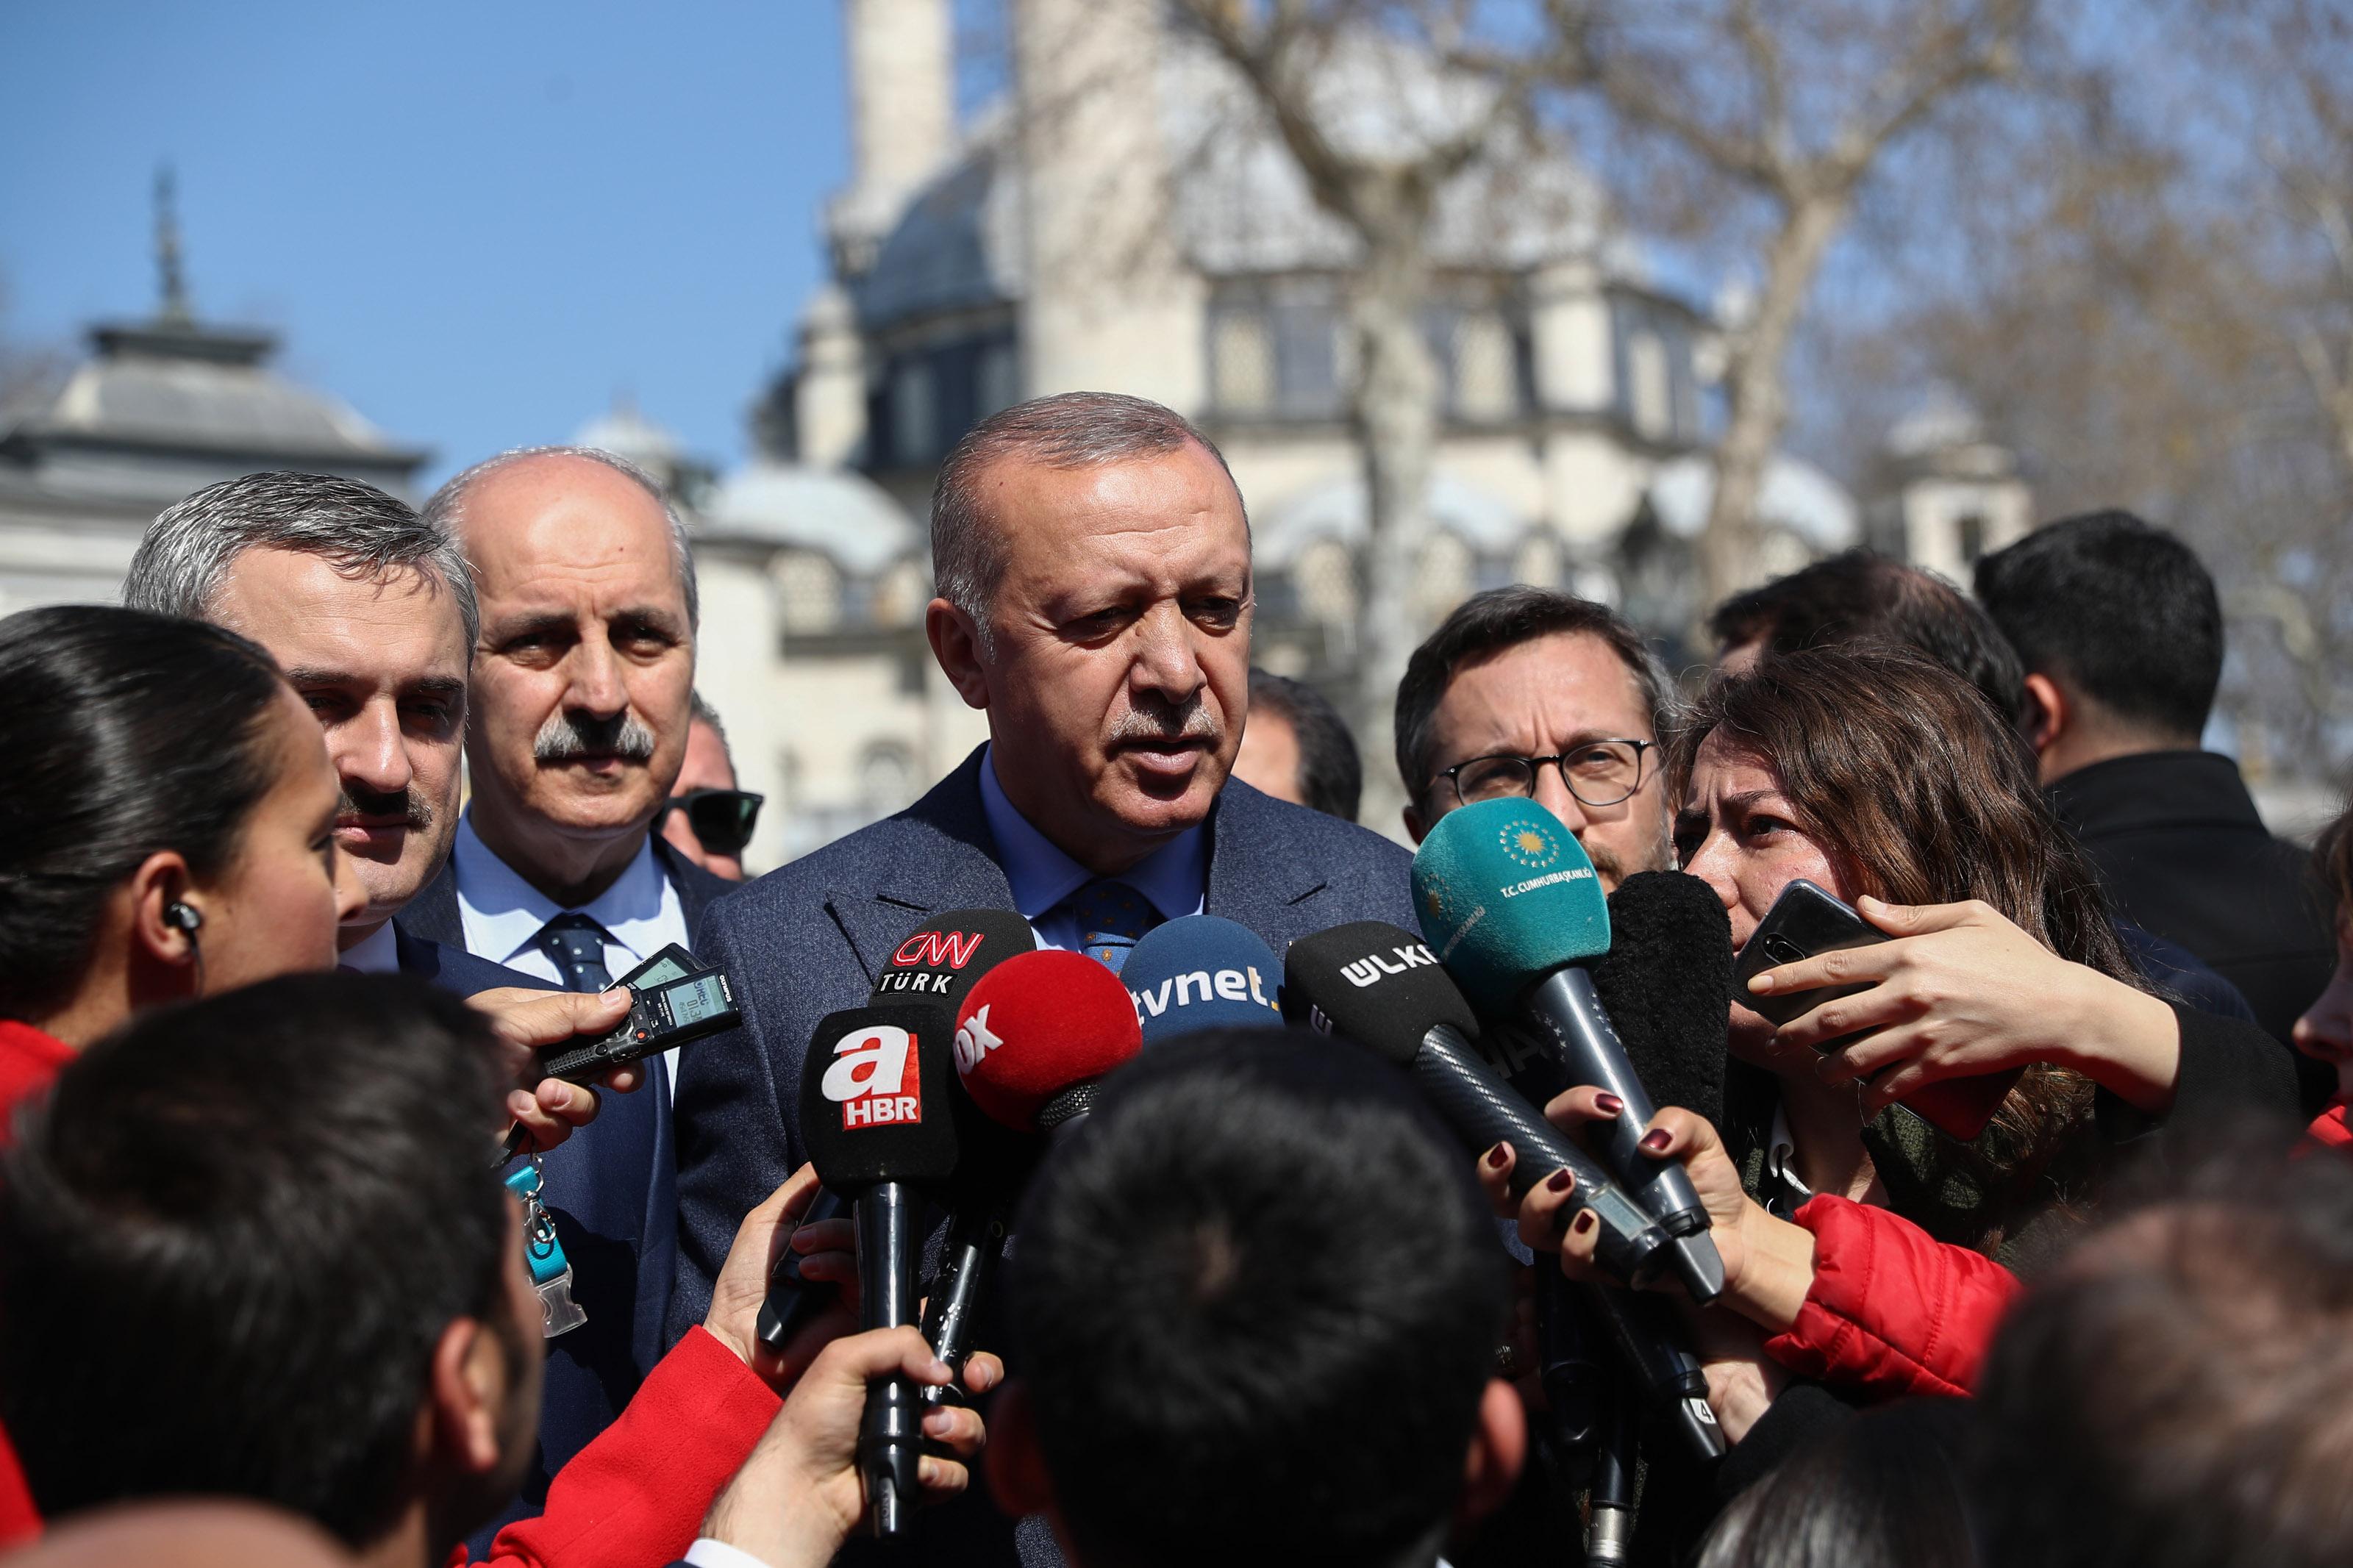 Erdoğan, İmamoğlu'nun Anıtkabir Ziyaretine İlişkin 'Protokol' Vurgusu Yaptı: 'Milli Savunma Bakanlığı Defteri Oradan Çekti, Aldı'